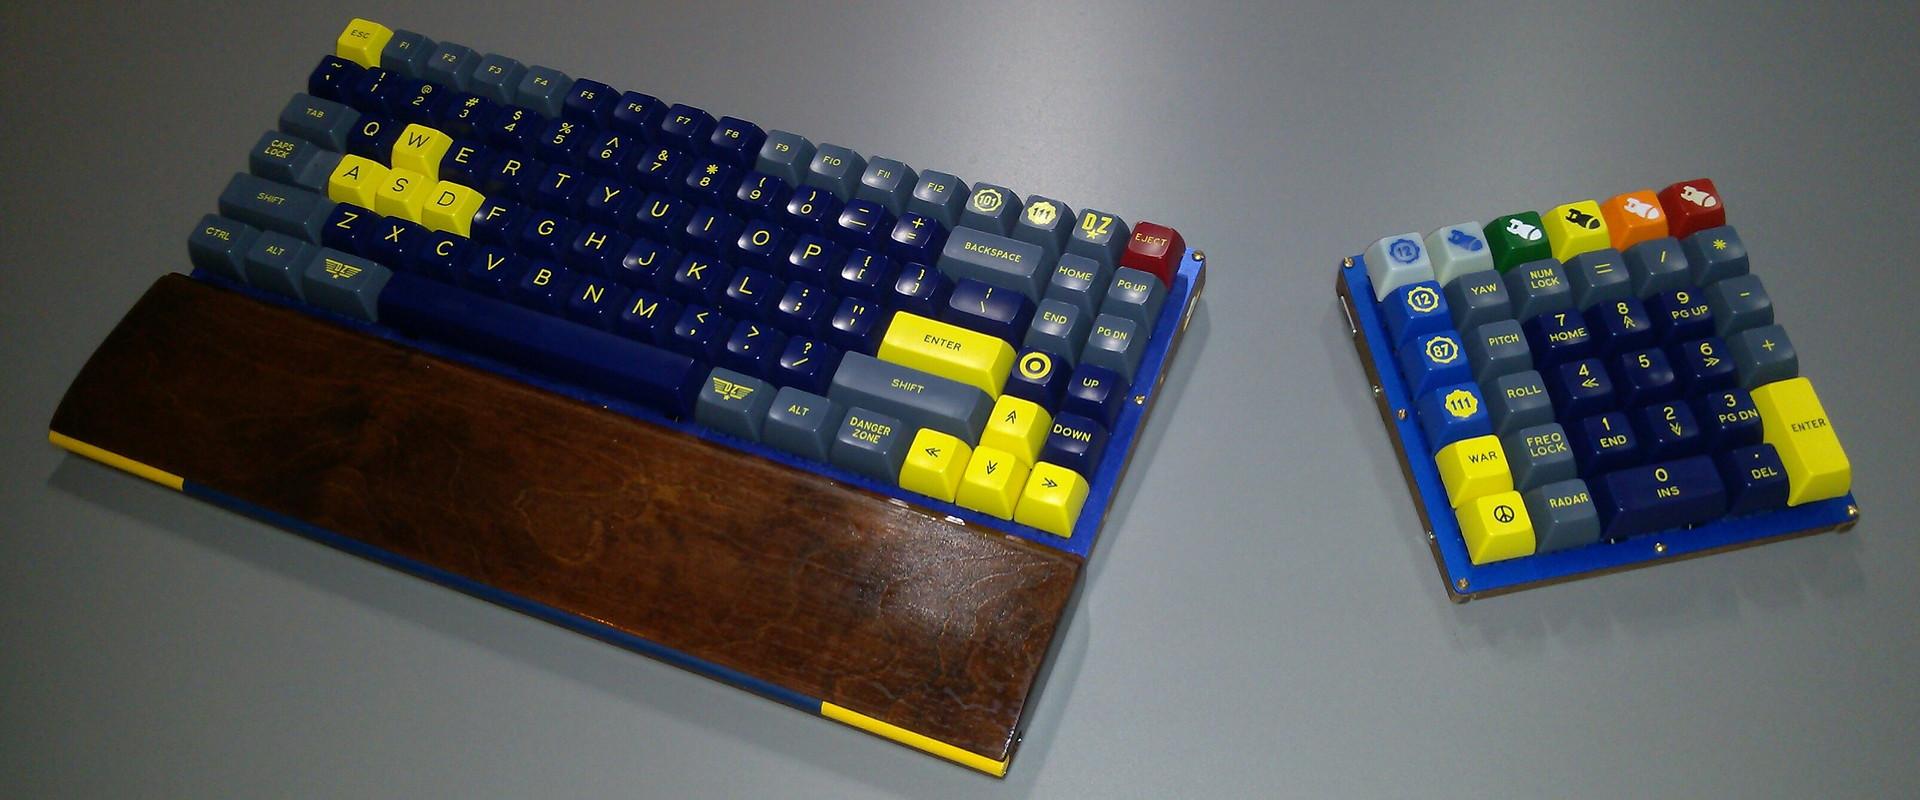 Keyboard76_NP_DZ_Split.jpg